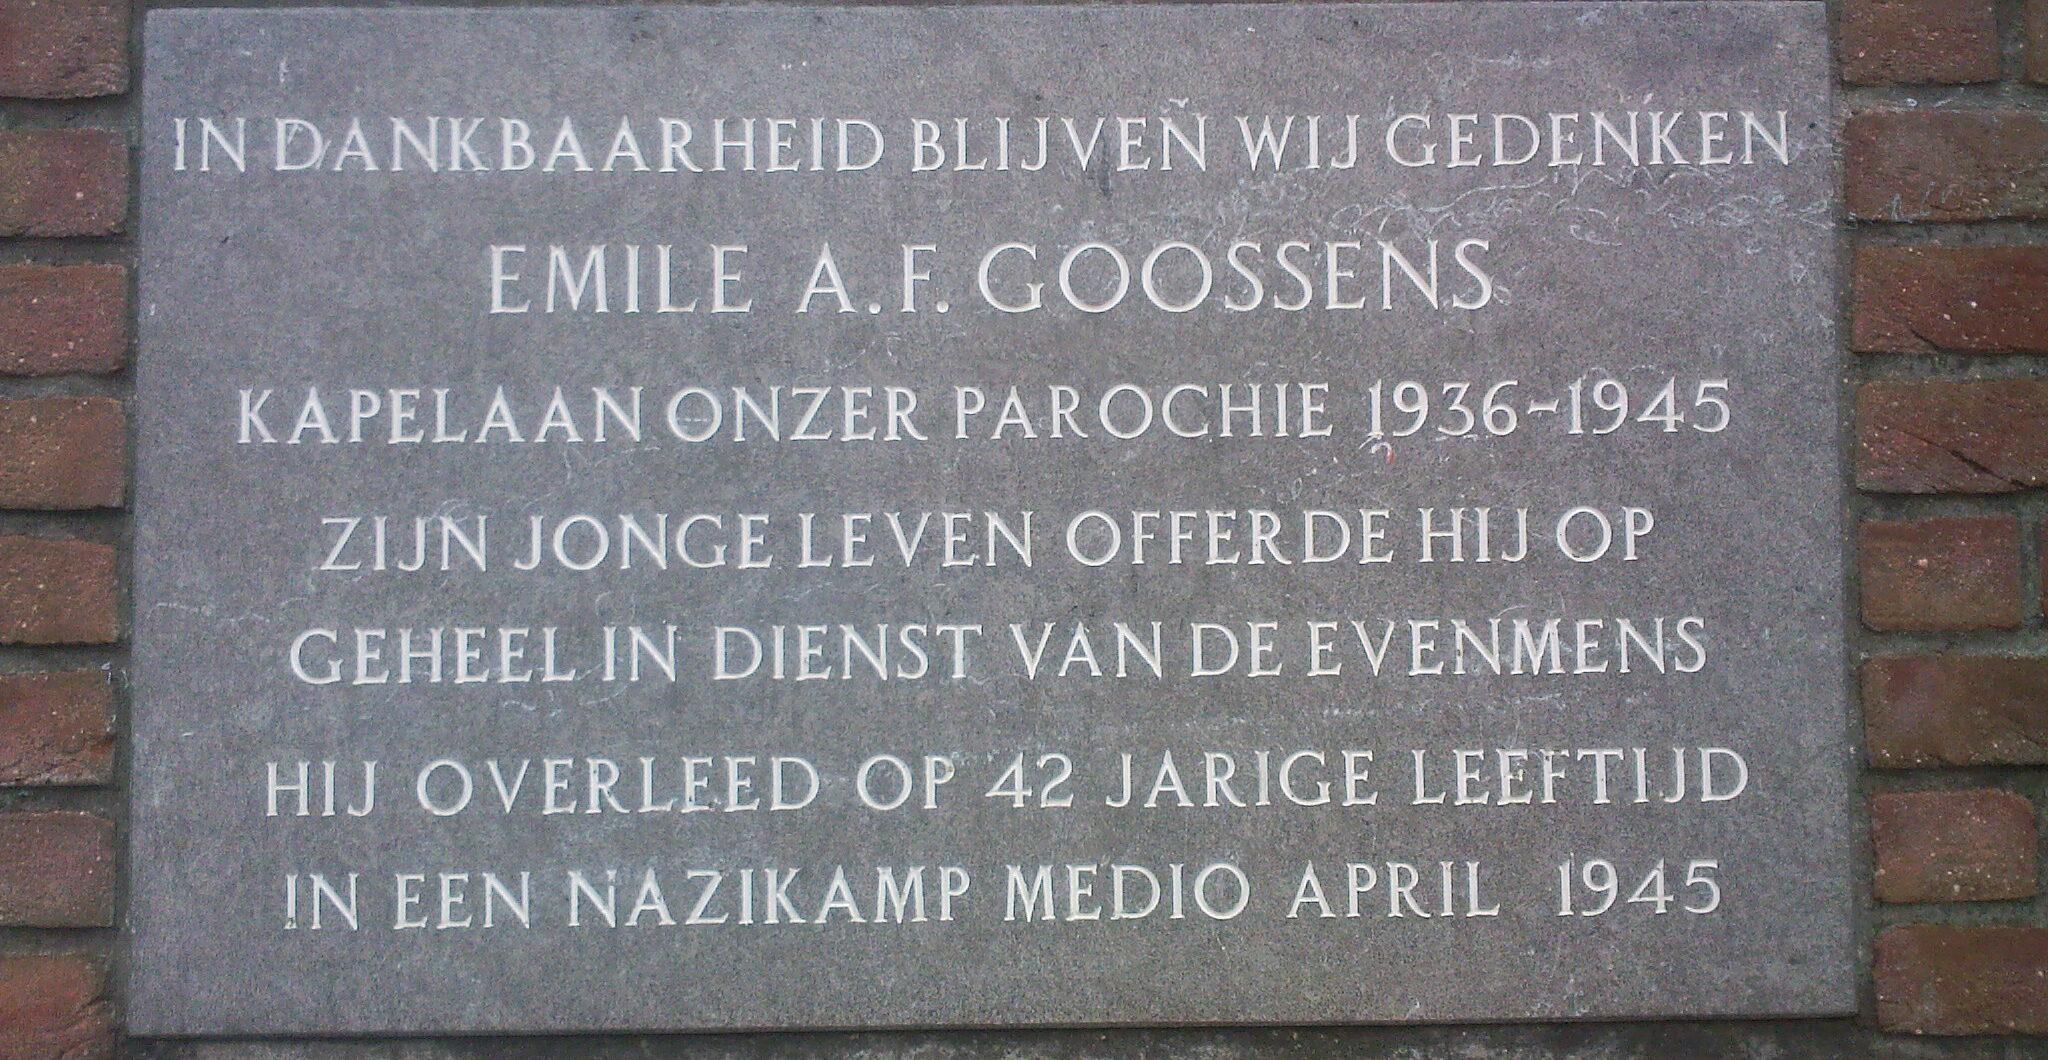 Echt, monument voor kapelaan Emile A.F. Goossens